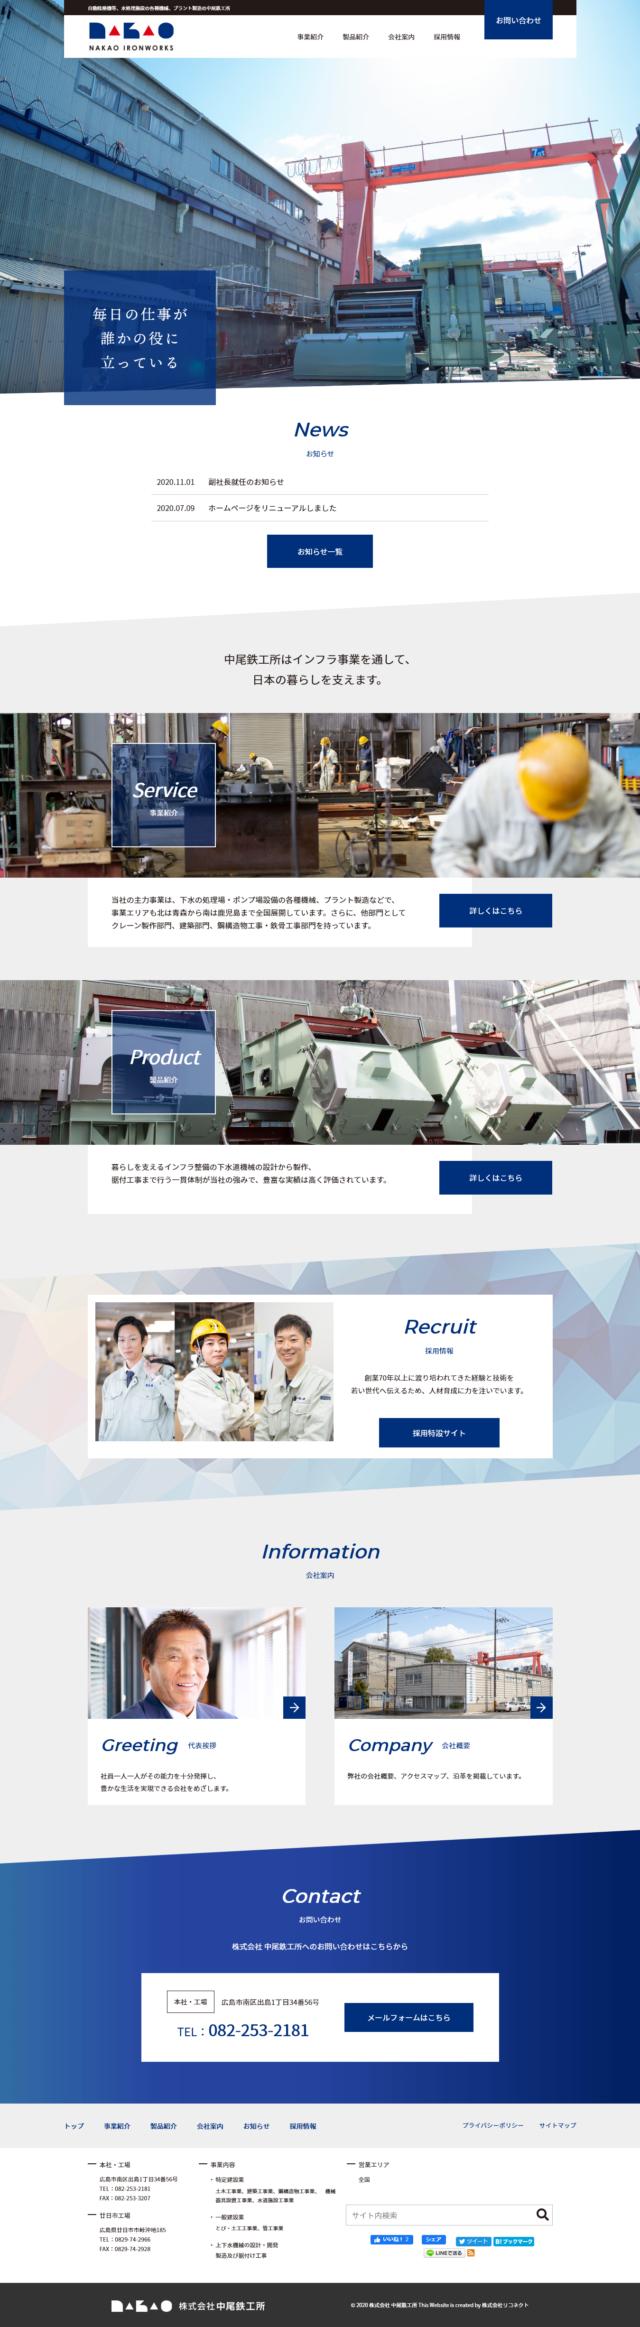 広島県広島市 自動除塵機等、水処理施設の各種機械、プラント製造の株式会社 中尾鉄工所 様